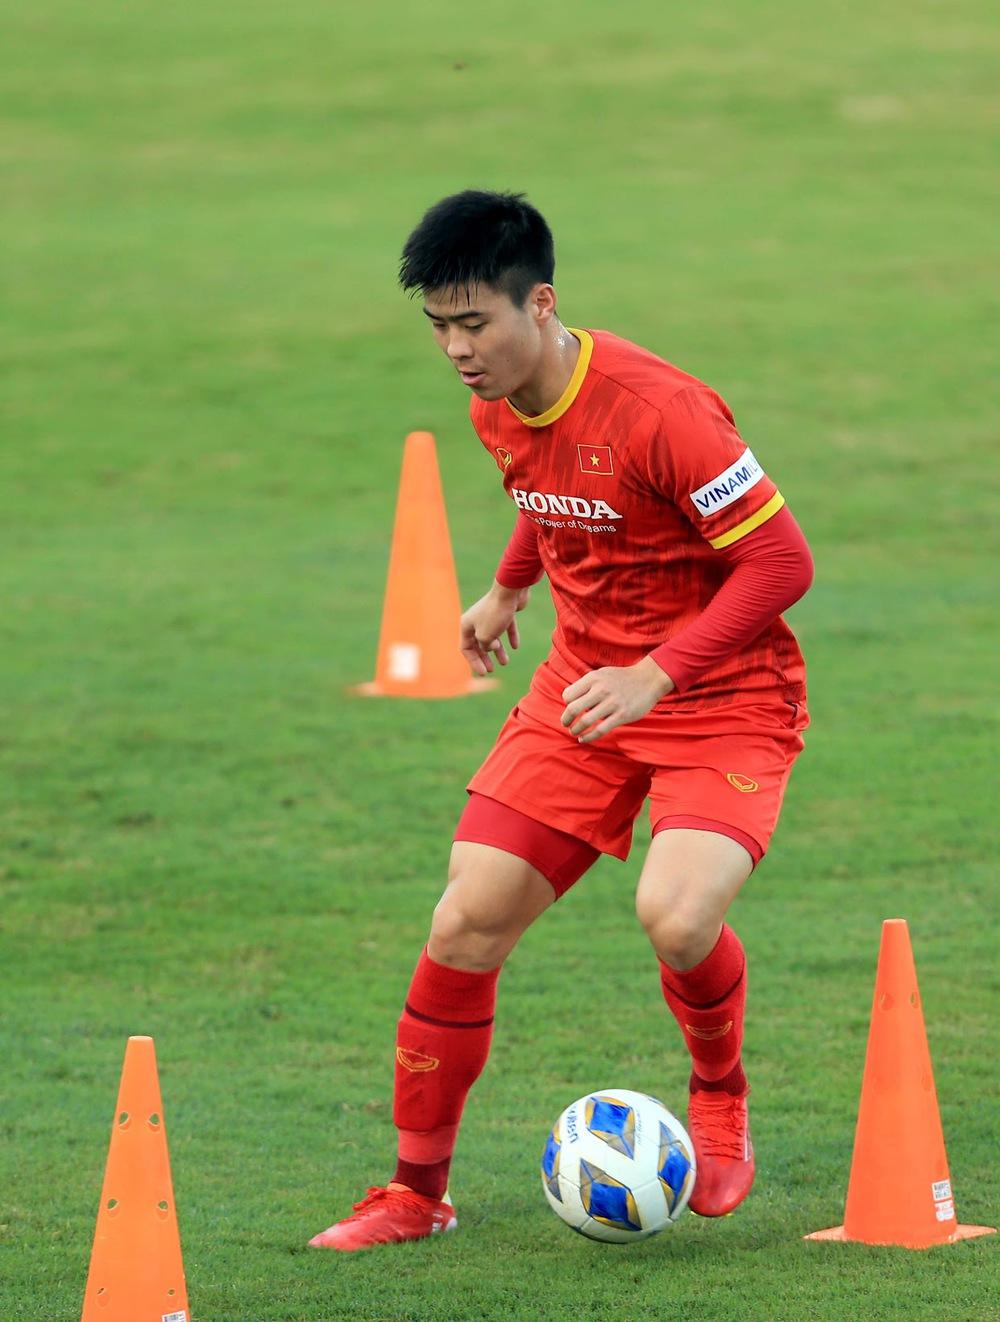 Thêm một cầu thủ U22 được bổ sung lên đội tuyển Việt Nam cho chiến dịch Vòng loại World Cup 2022 - Ảnh 18.